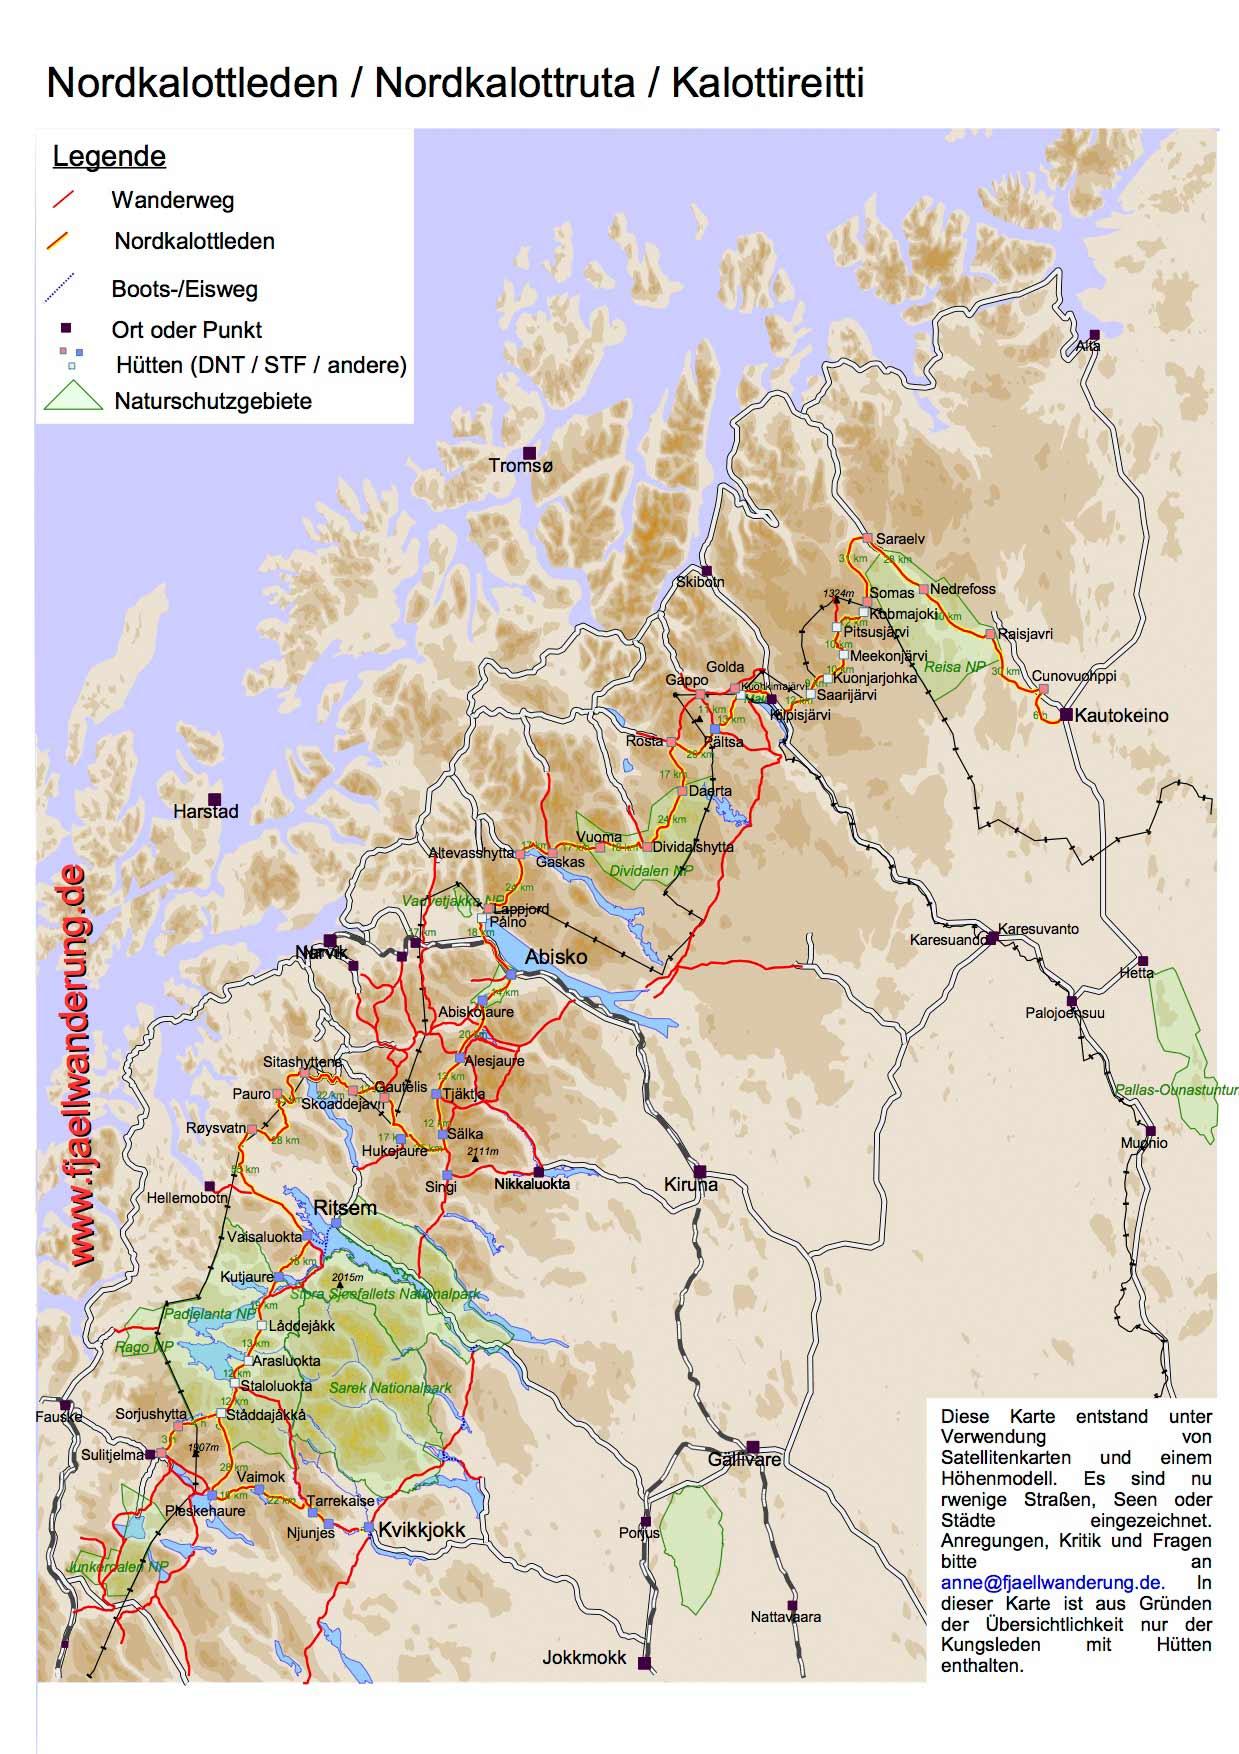 Nordkalottleden-trekking-wandern-karte